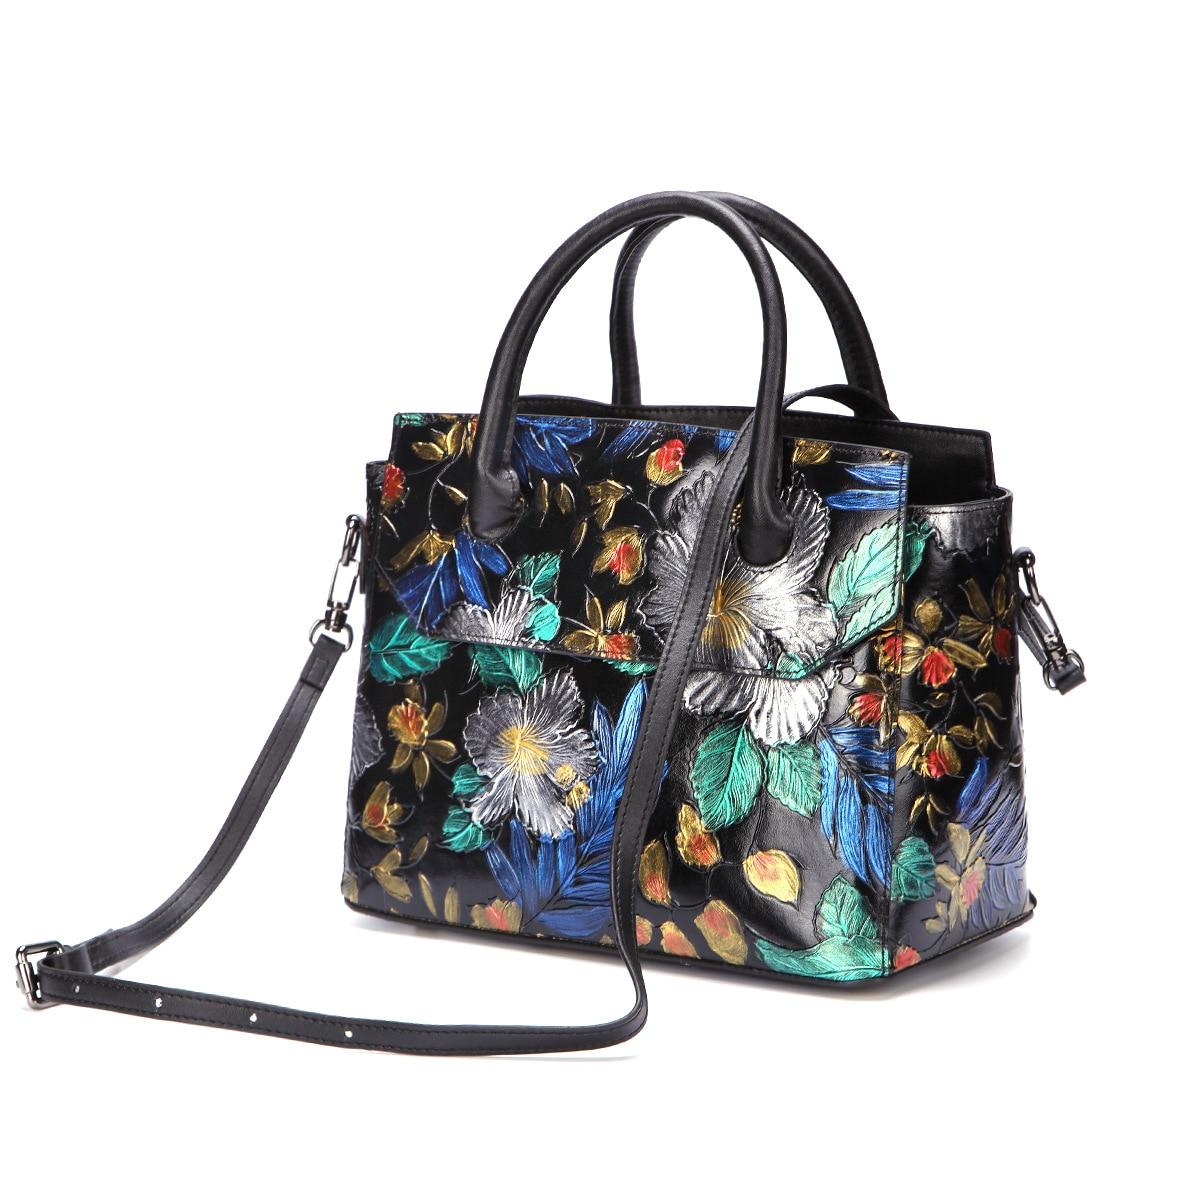 النساء الكتف رسول Crossbody حمل حقيبة يد فرشاة اللون الزهور عالية الجودة حقيقية تنقش جاكيت جلدي حقائب بيد-في حقائب قصيرة من حقائب وأمتعة على  مجموعة 1